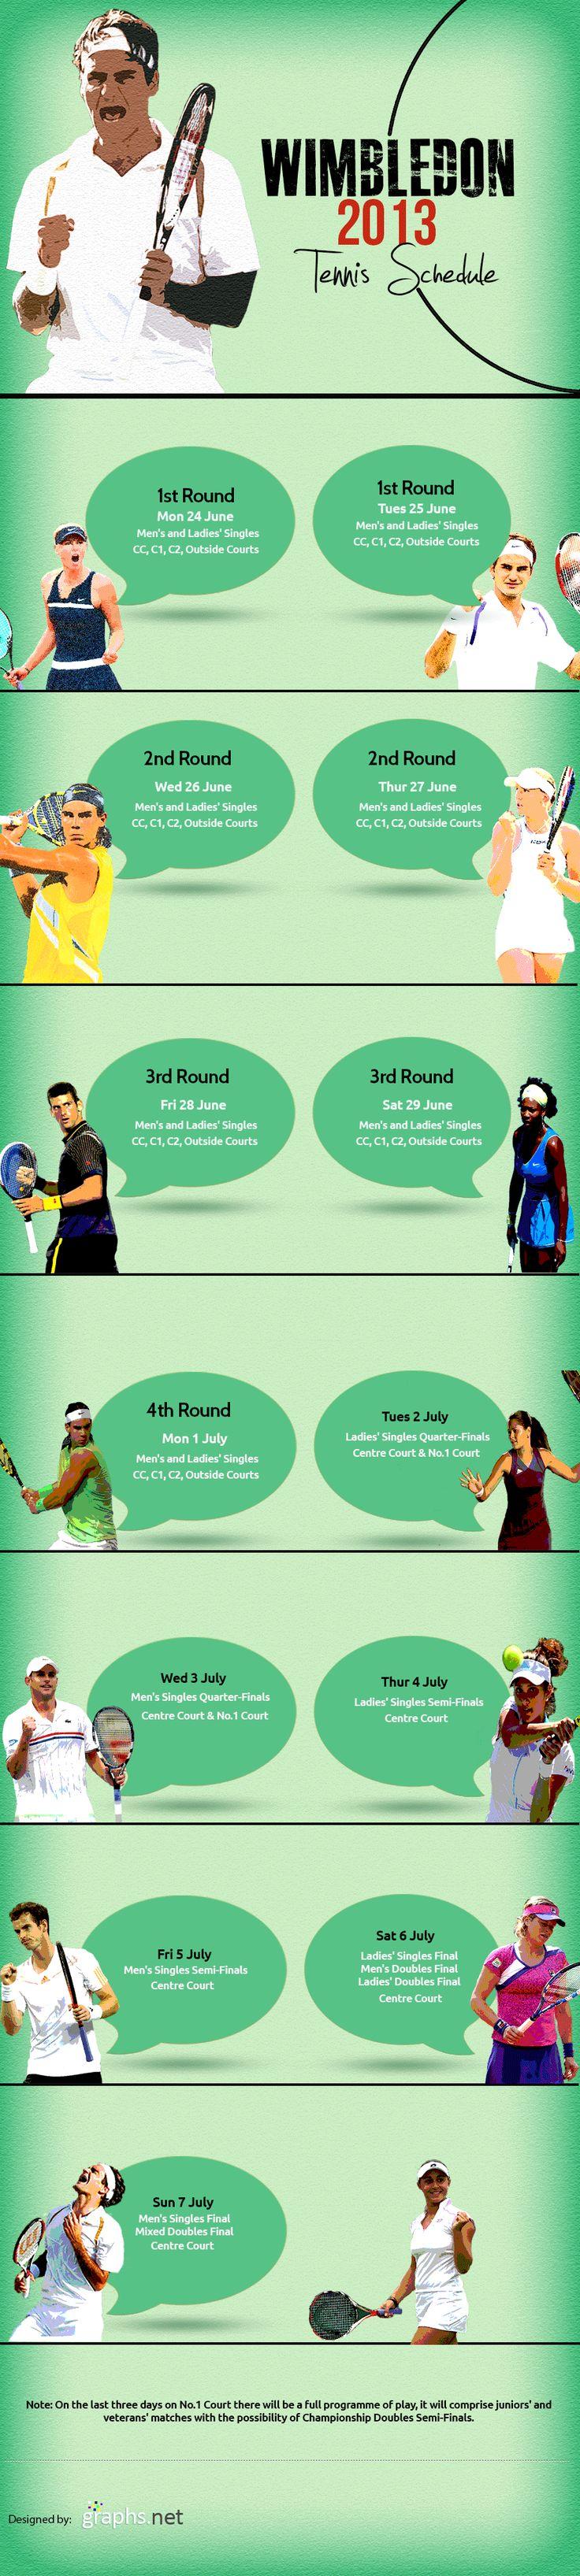 Wimbledon 2013 Tennis Schedule